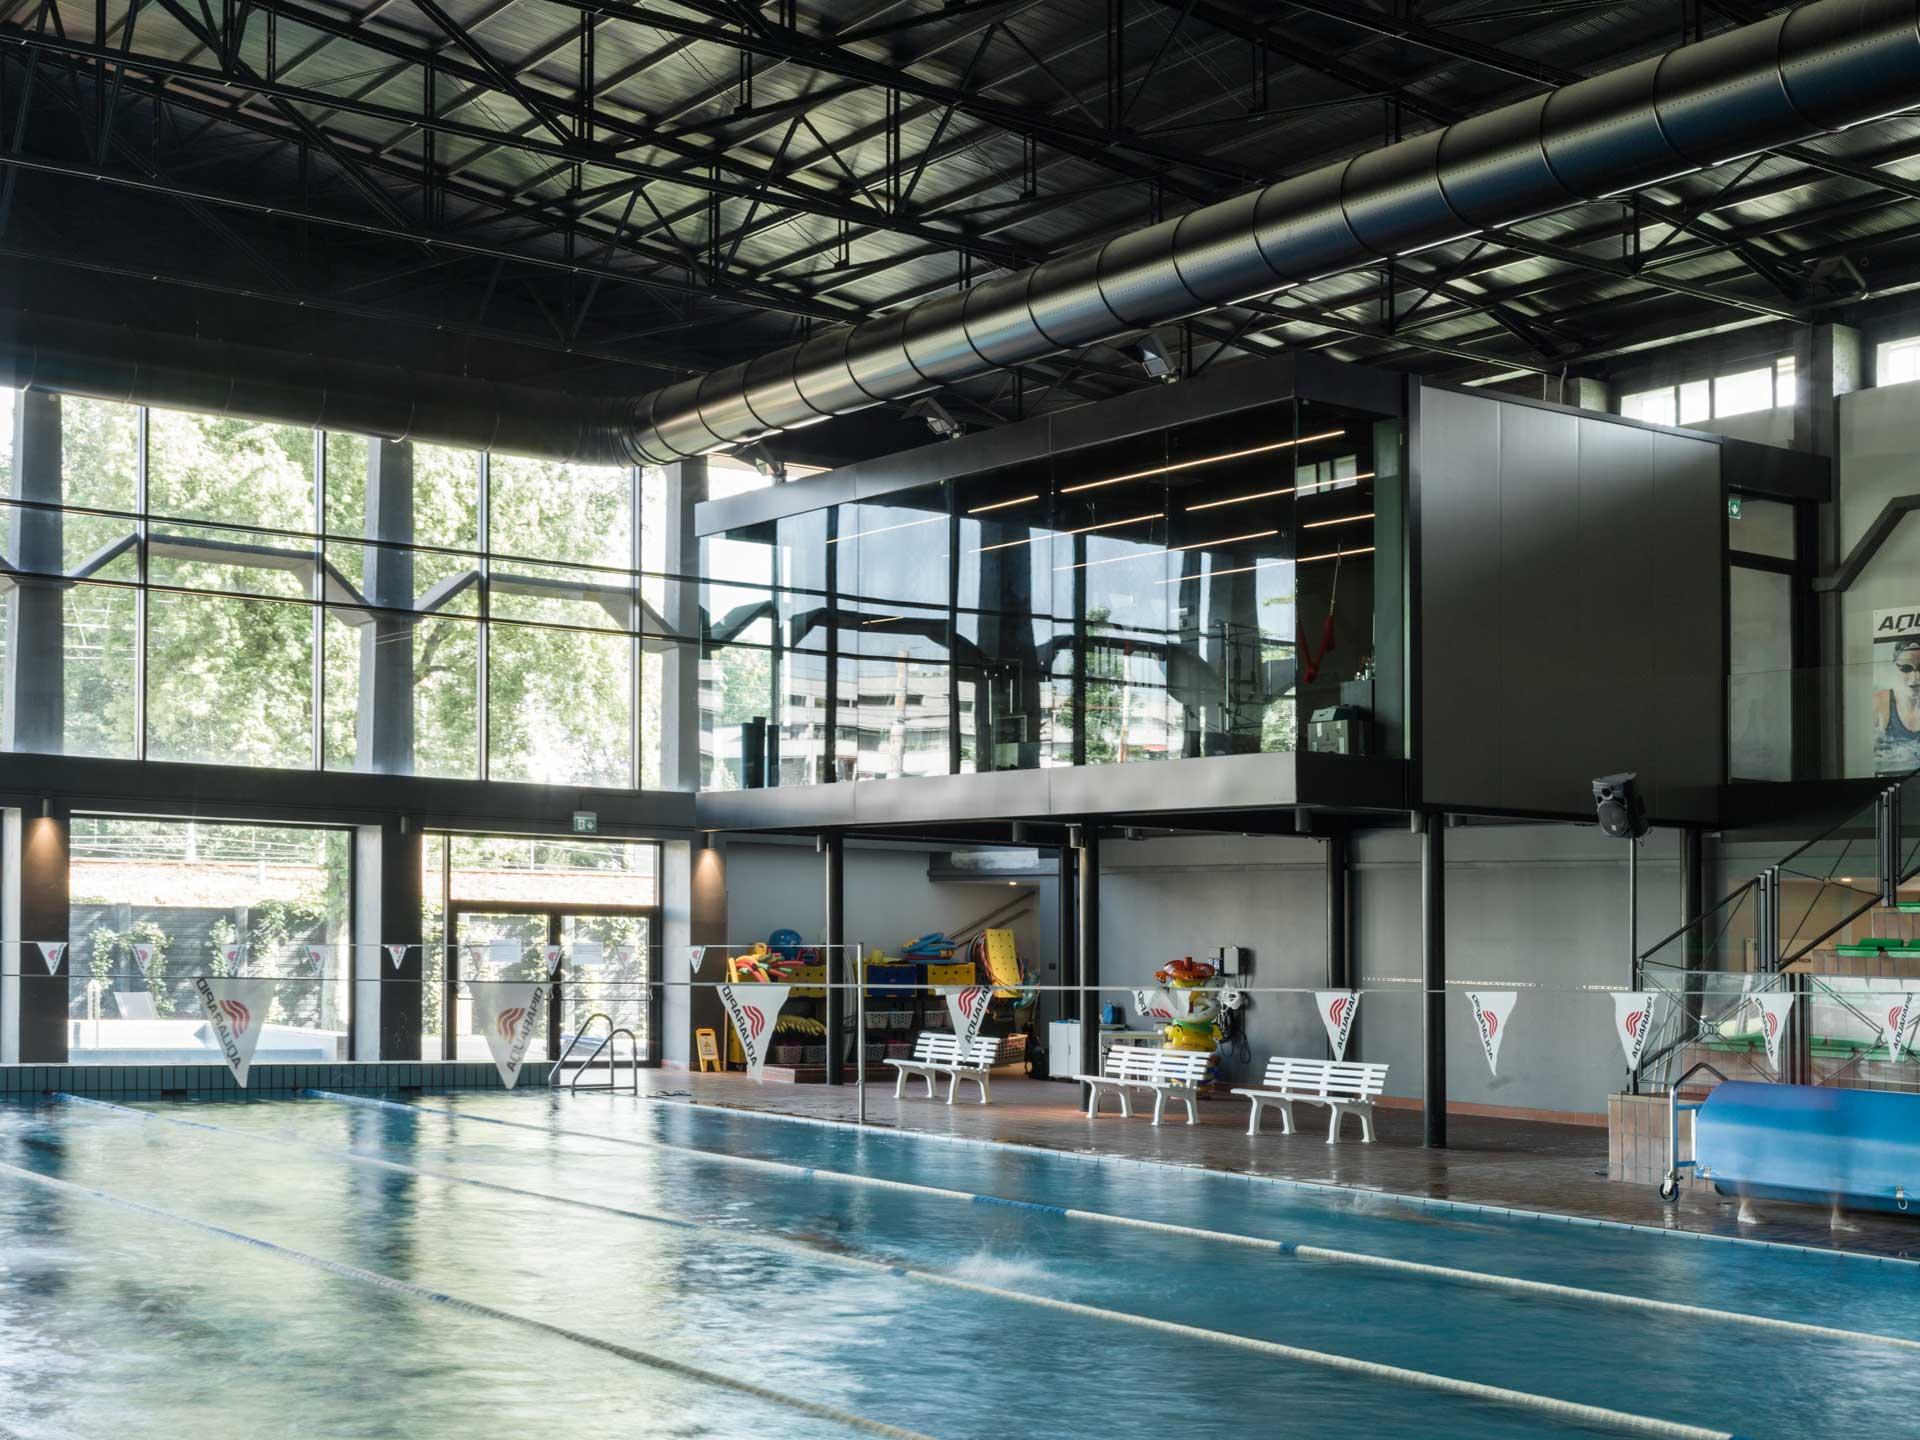 Il cuore del microcosmo di funzioni e di esperienze possibili di Canottieri Olona1894 è il grande spazio centrale della piscina intorno al quale ruotano gli ambienti destinati alle attività sportive e ricreative, come lo skybox che ospita la palestra con vista.